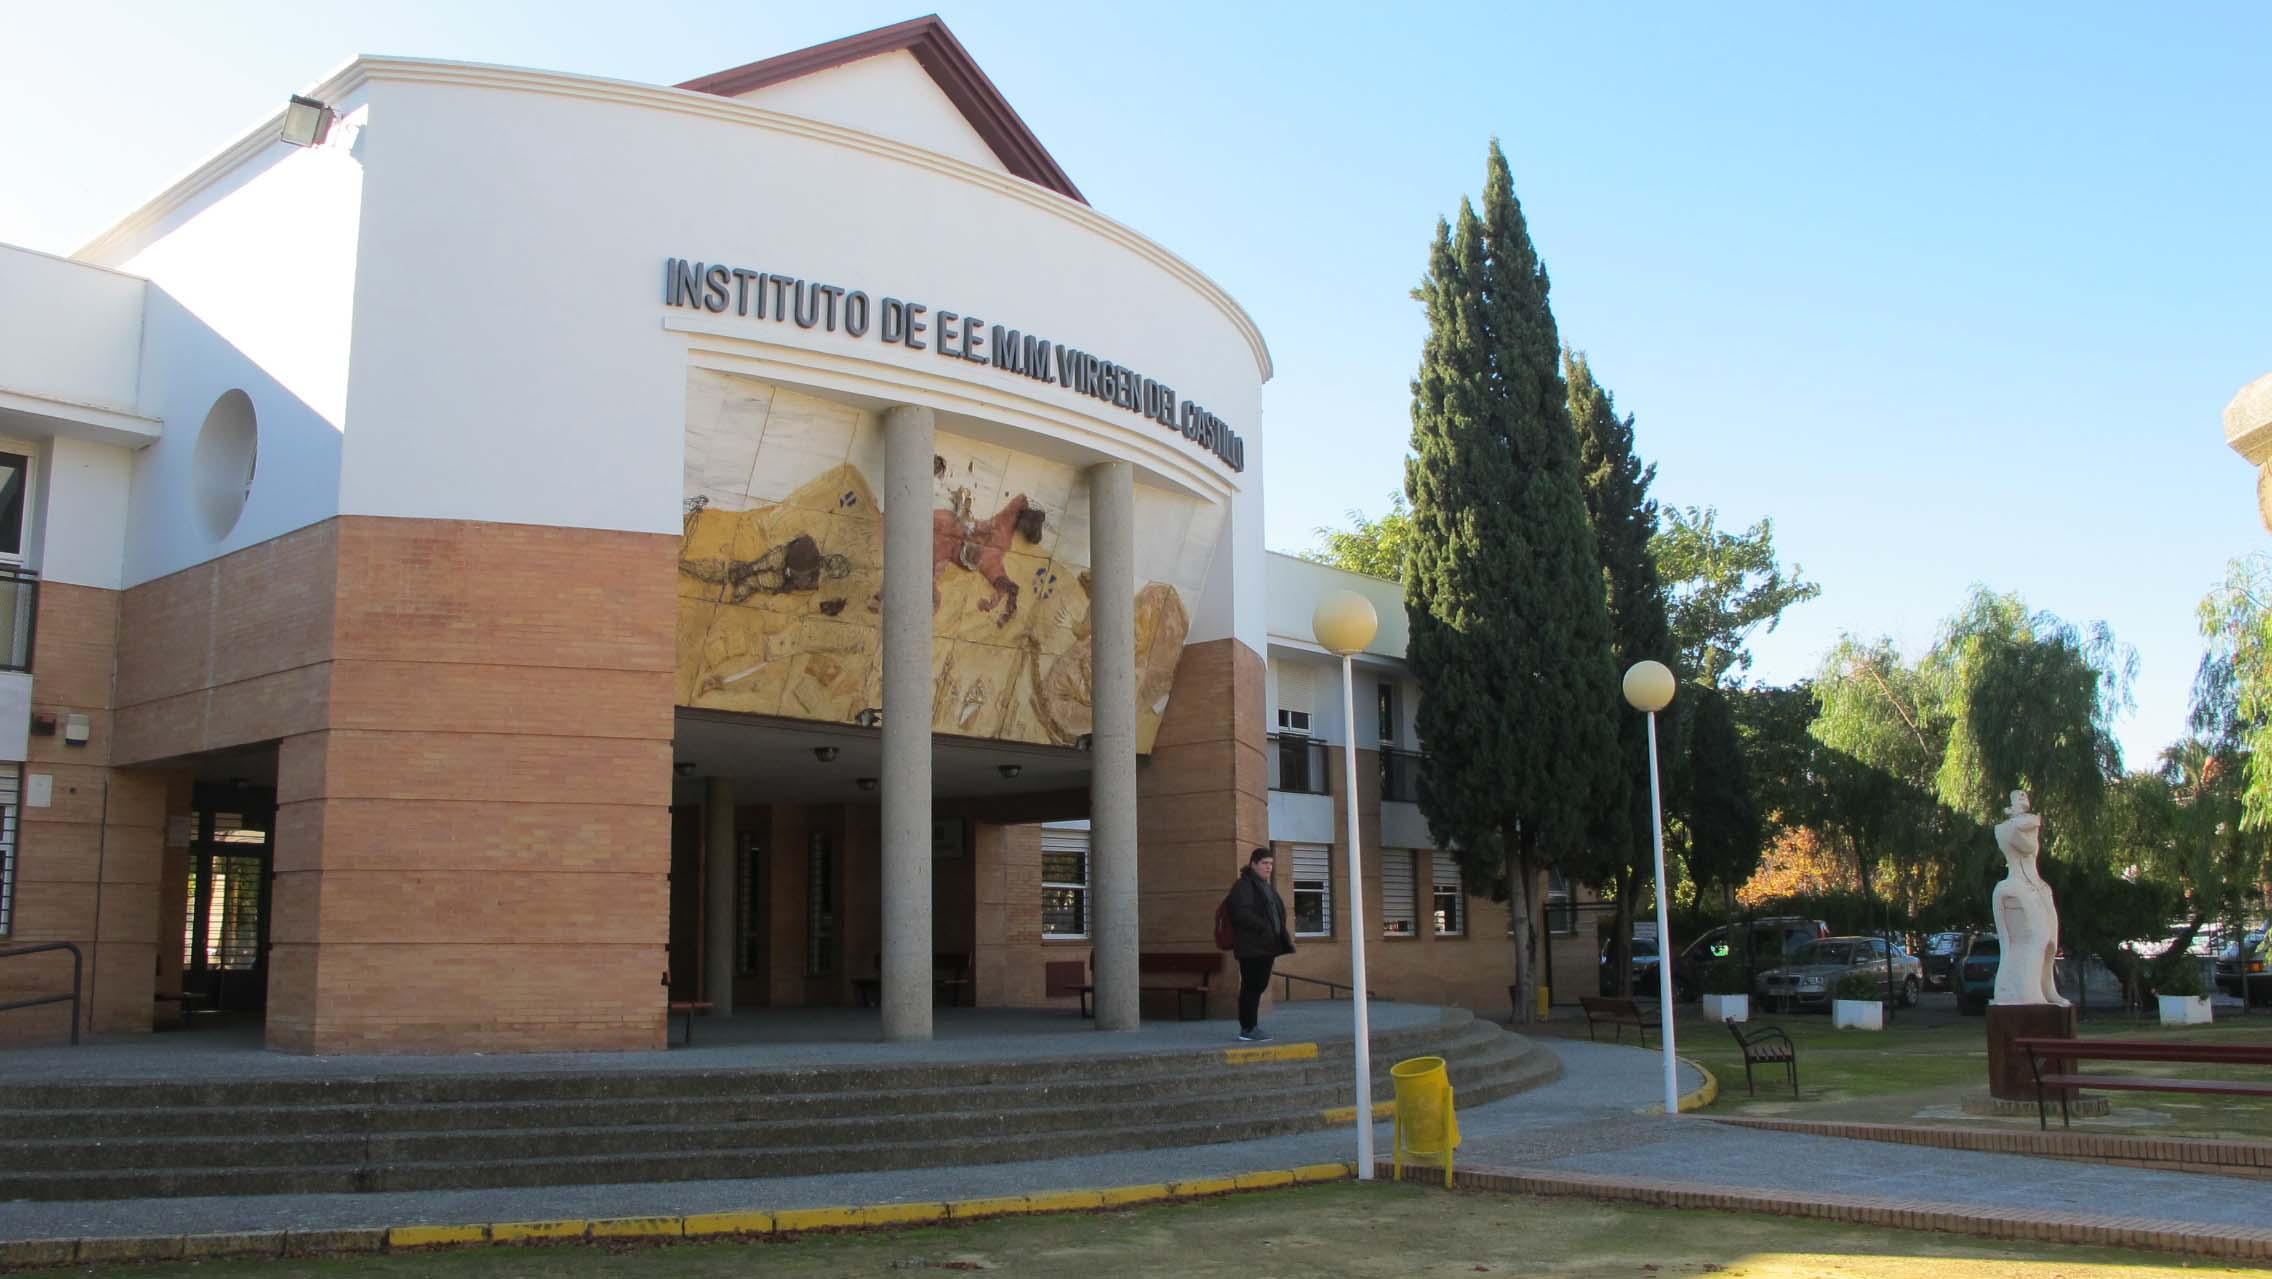 El IES Virgen del Castillo es uno de los institutos que ha firmado el acuerdo de colaboración